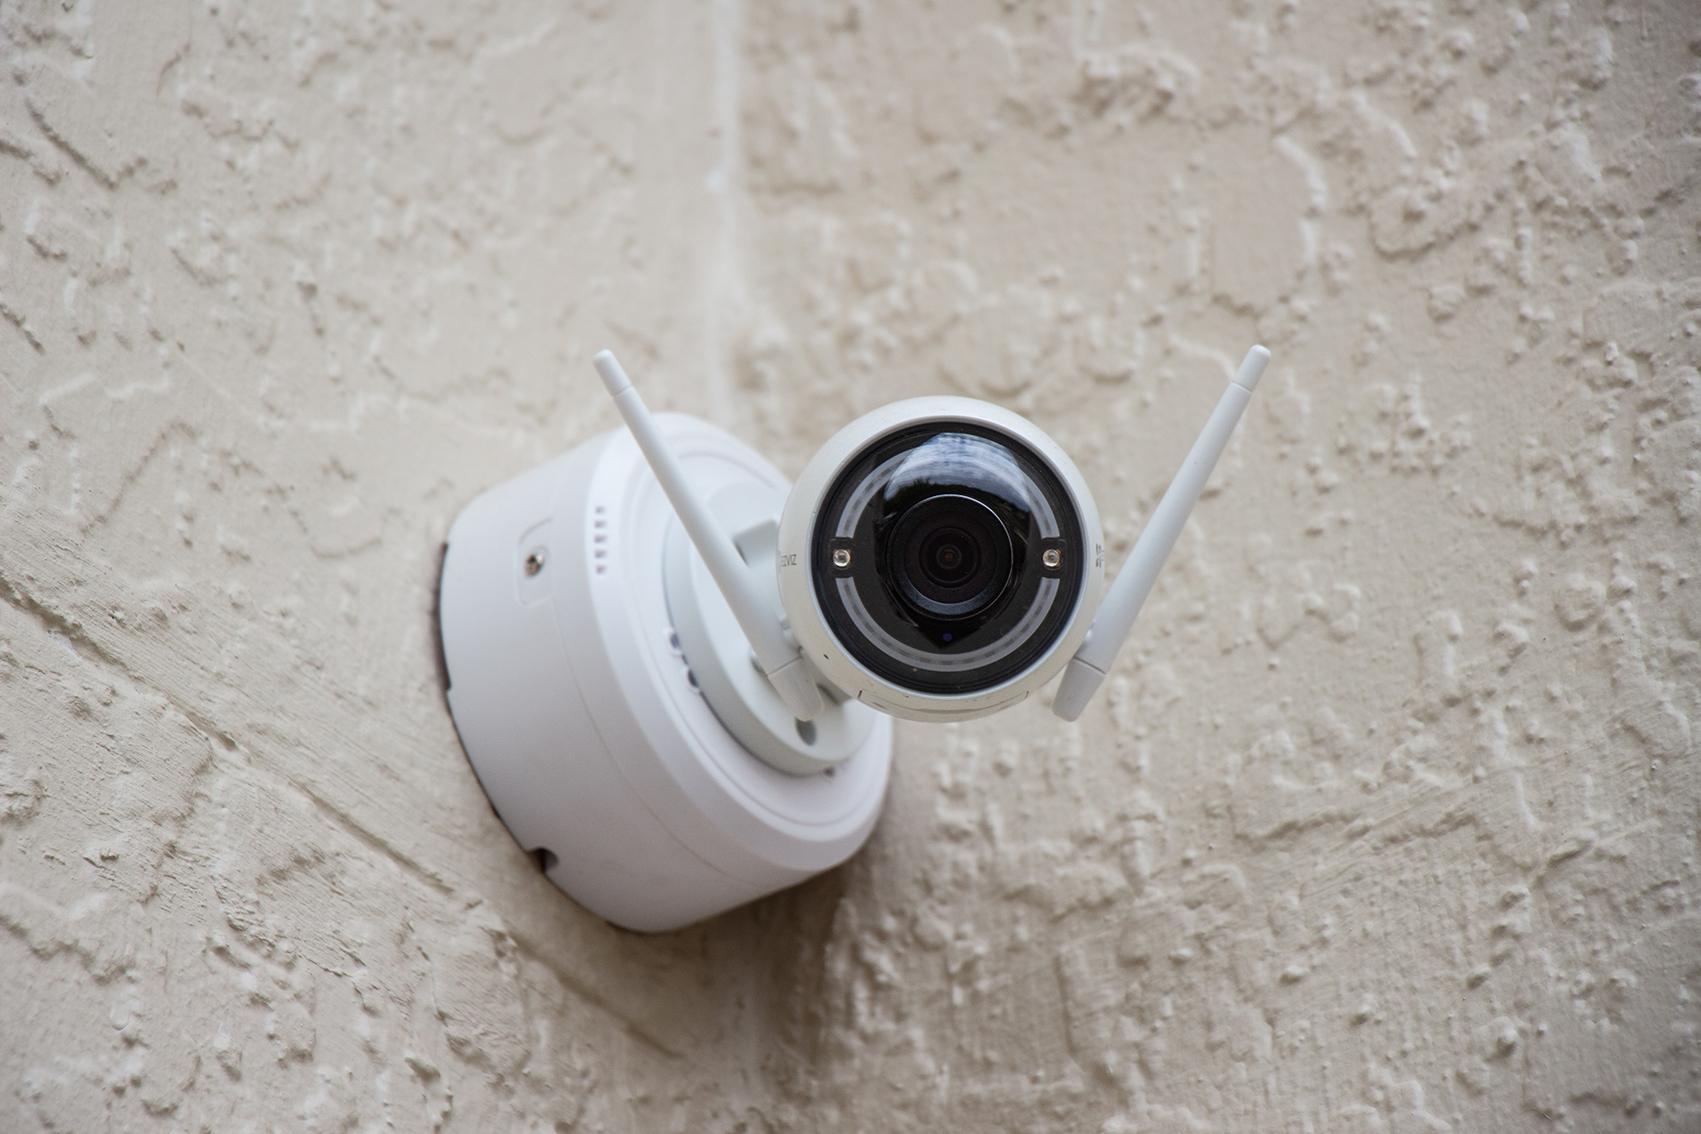 인공지능 얼굴 마스킹 서비스 - aiSee MASKING 영상 속 얼굴 마스킹 흐림효과 CCTV 영상정보처리기기 속 얼굴 인식 및 정보주체 외 비식별화 개인정보보호법 보안 목적 외 영상 비식별화를 통한 마케팅 활용 가능, aiSee MASKING, cometrue.ai